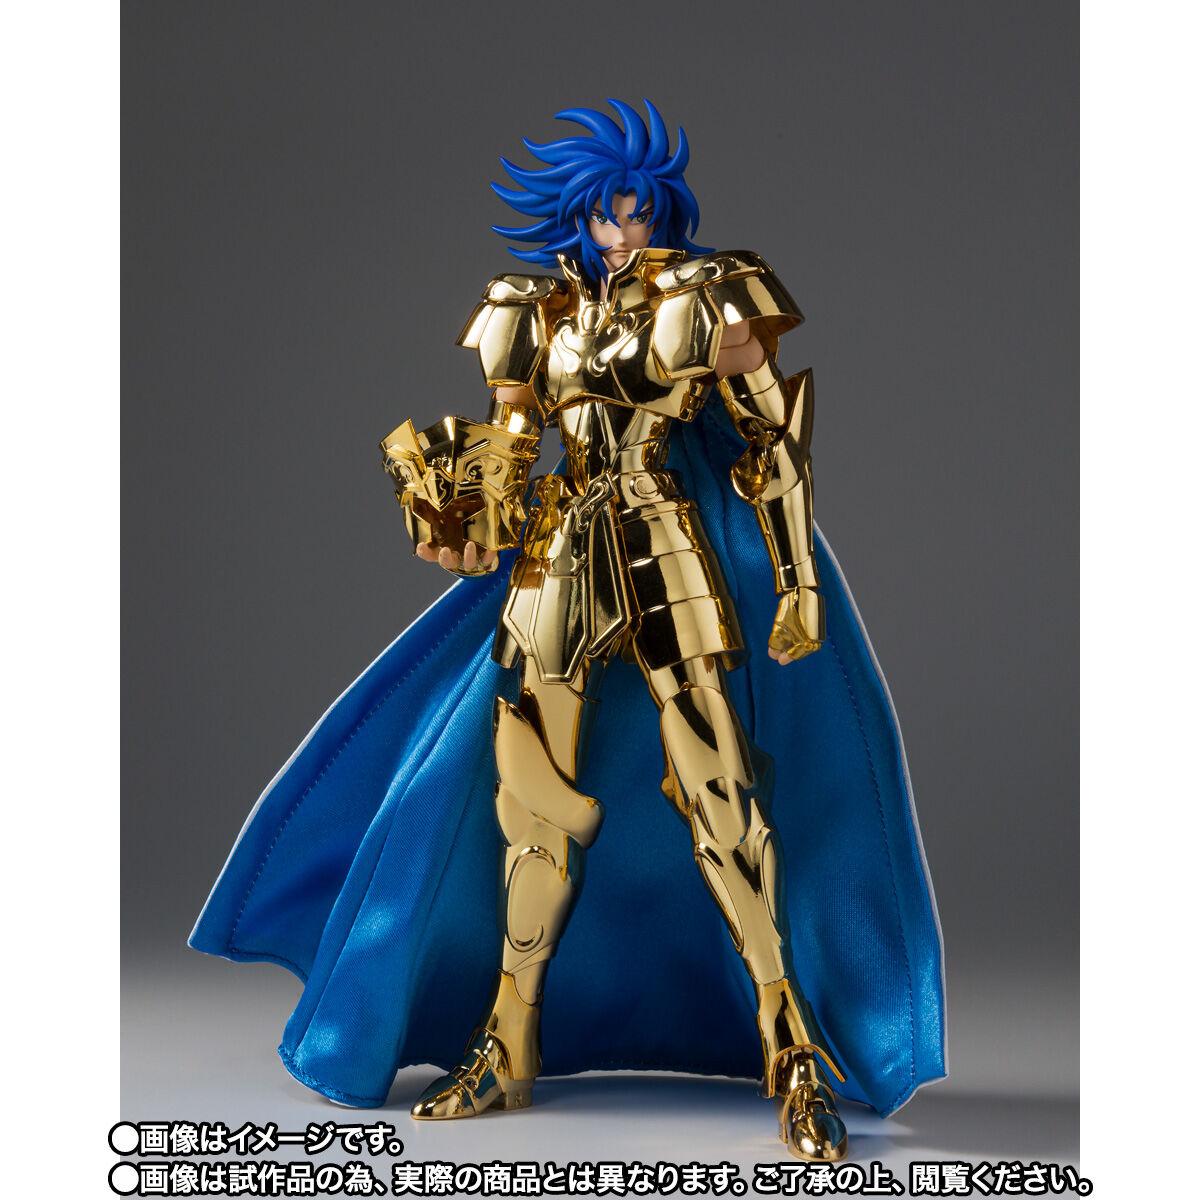 【限定販売】聖闘士聖衣神話EX『ジェミニ サガ GOLD24』聖闘士星矢 可動フィギュア-002